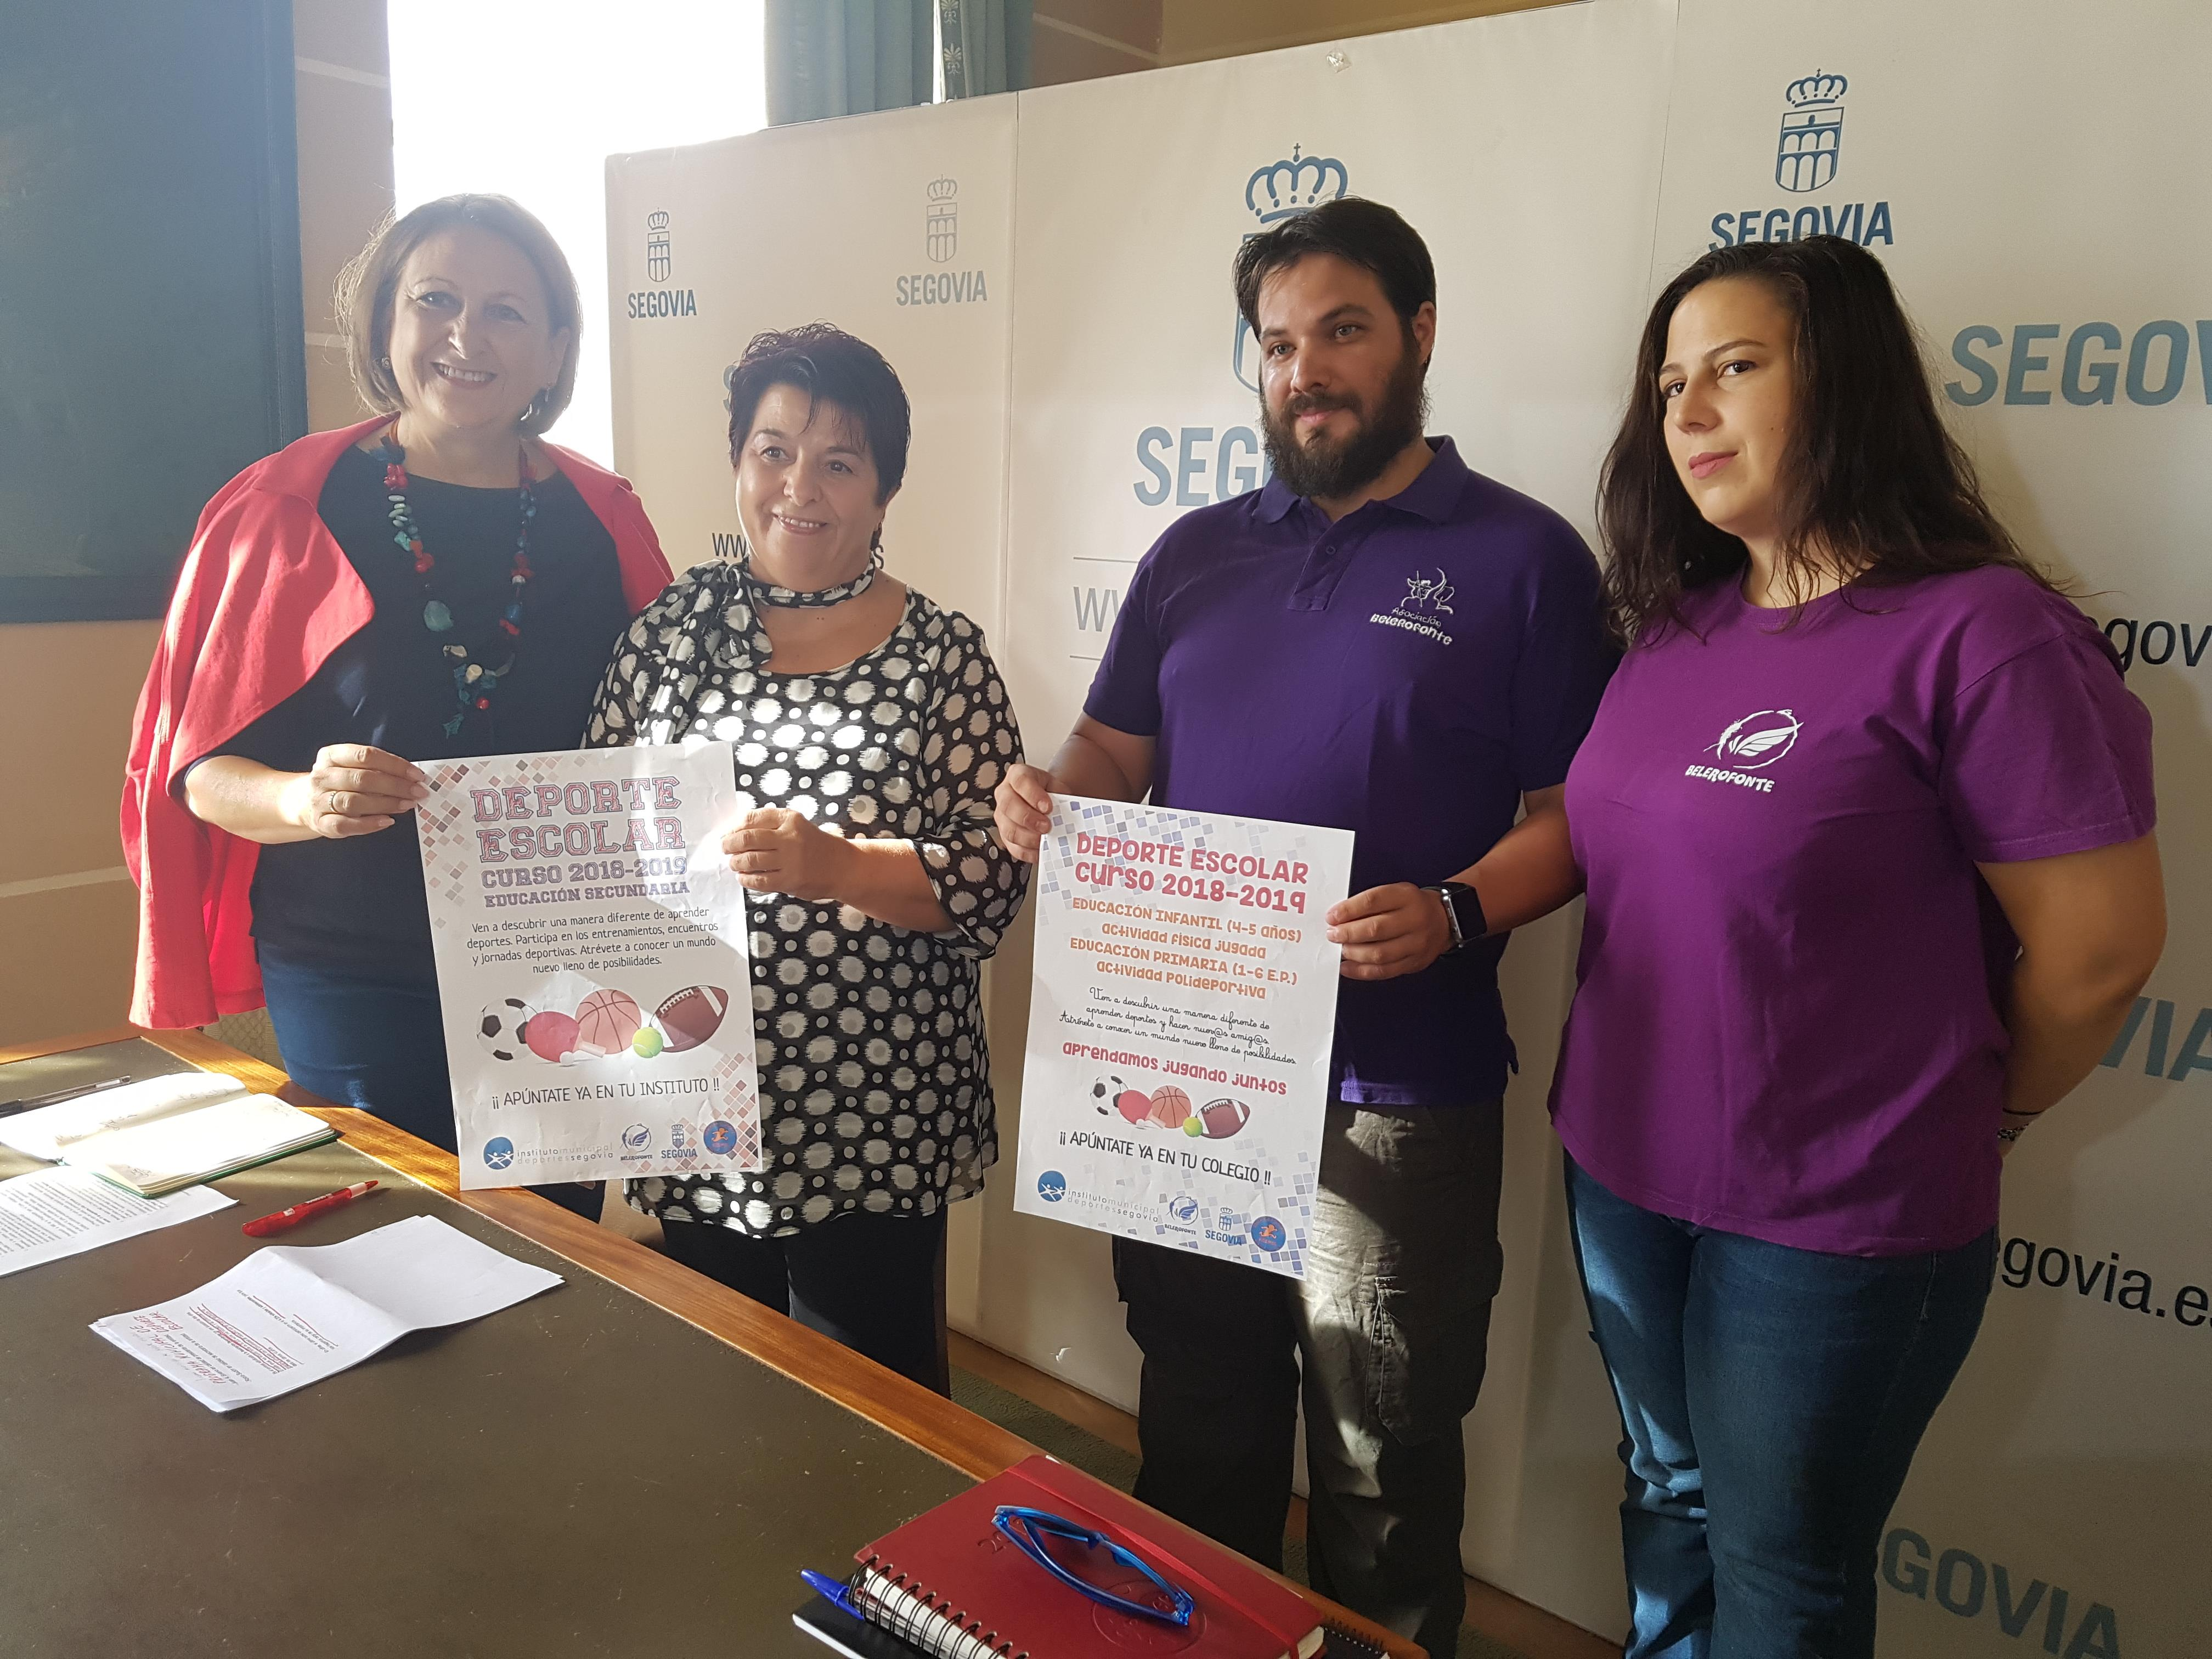 Nueva etapa para el Deporte Escolar en Segovia